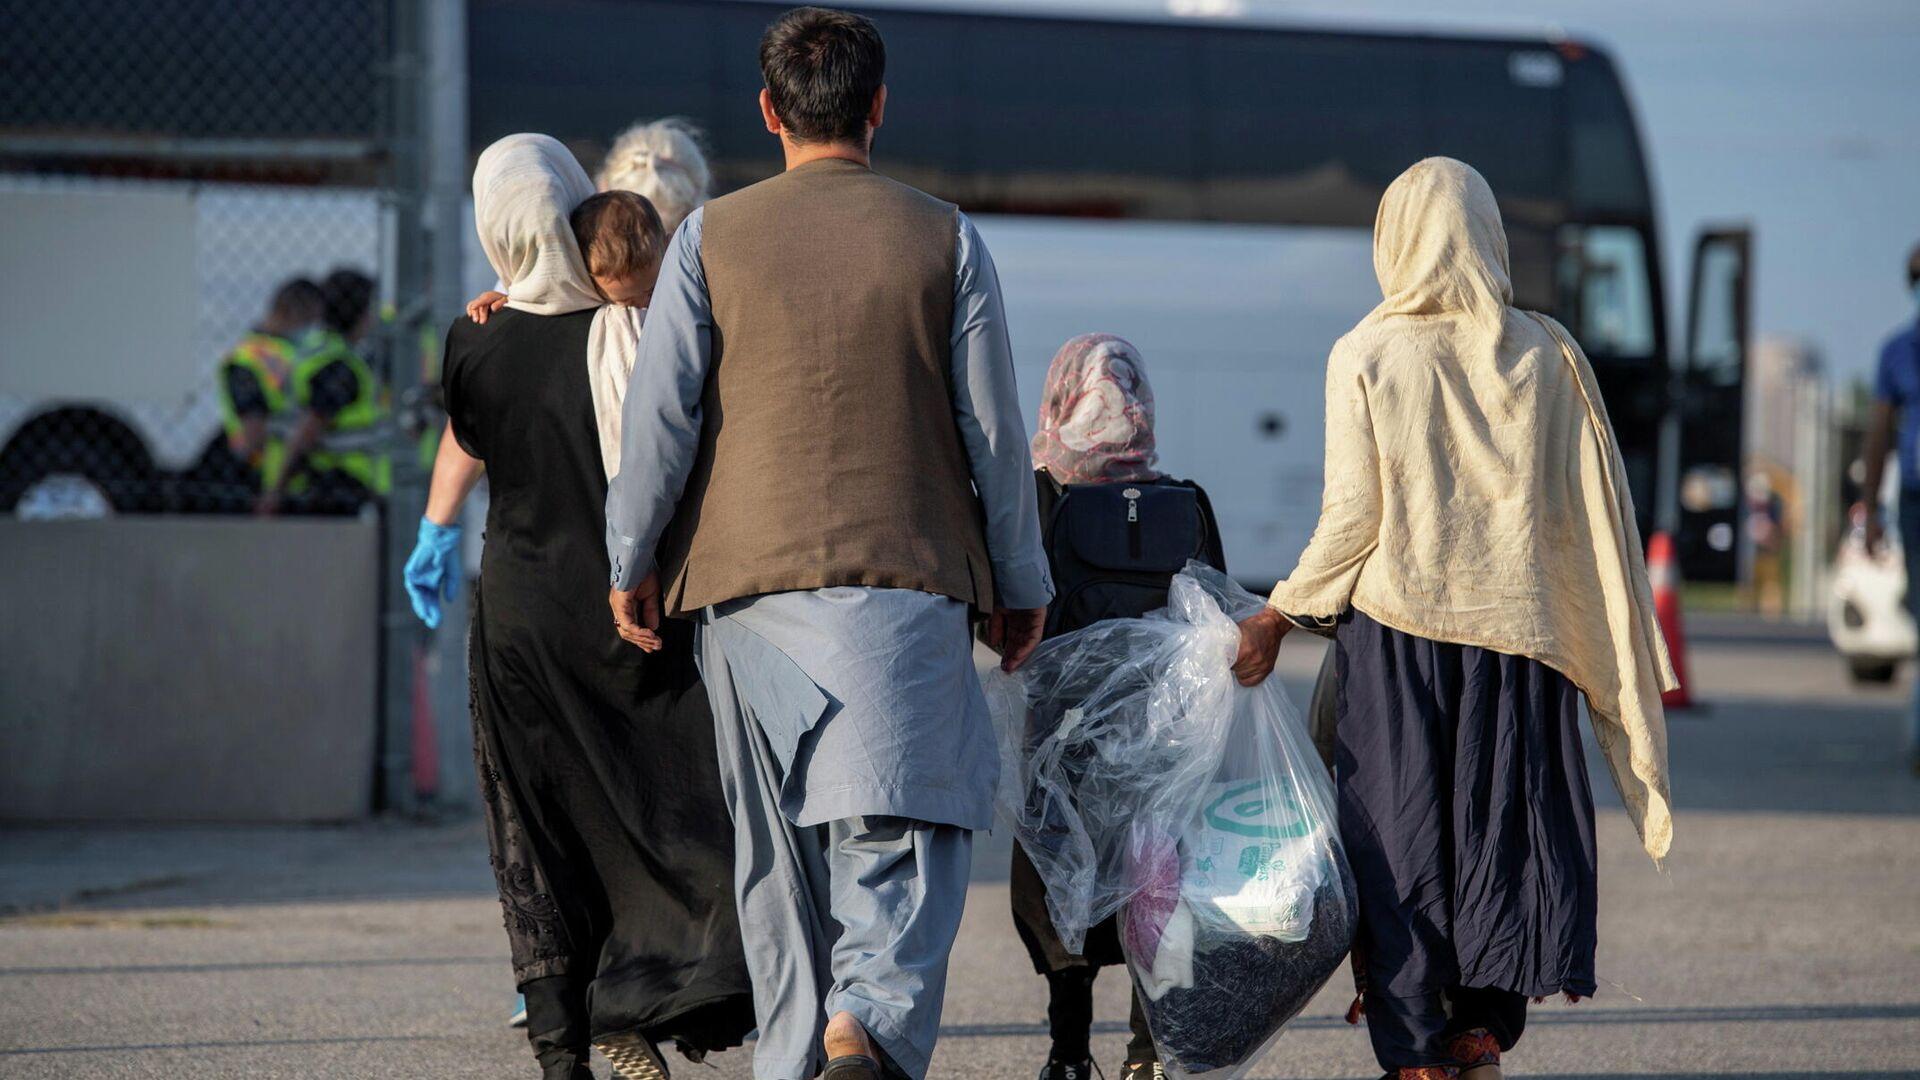 Los refugiados afganos que apoyaron la misión de Canadá en Afganistán se preparan para abordar los autobuses después de llegar a Canadá, en el Aeropuerto Internacional Toronto Pearson el 24 de agosto de 2021 - Sputnik Mundo, 1920, 26.08.2021